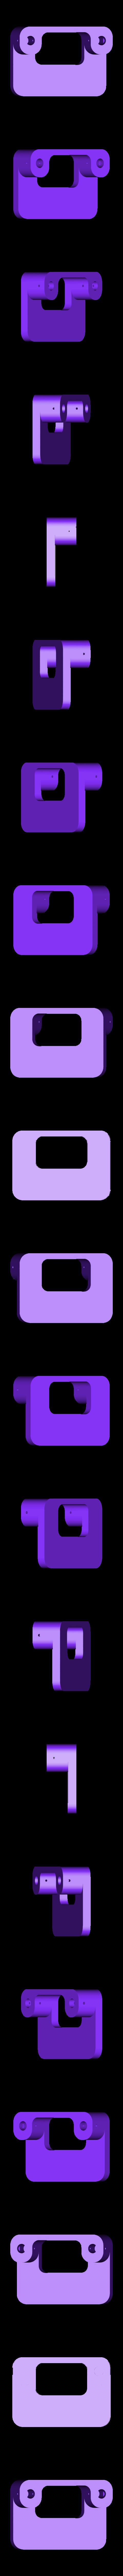 bass_plate.stl Télécharger fichier STL gratuit Coussinet de grosse caisse de 8 pouces • Modèle pour imprimante 3D, RyoKosaka